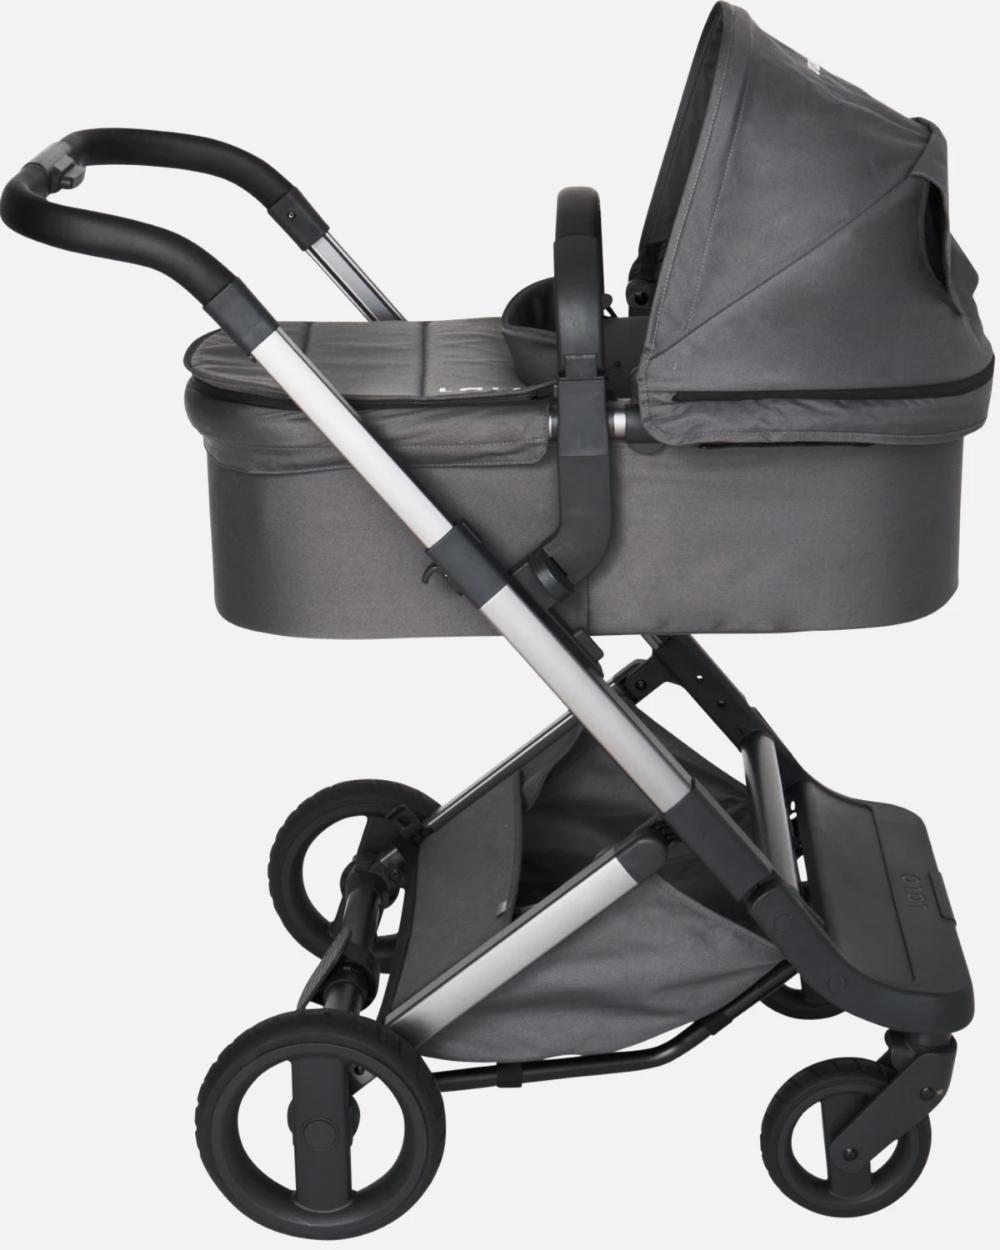 The Daily Stroller, Stroller hooks, Full size stroller